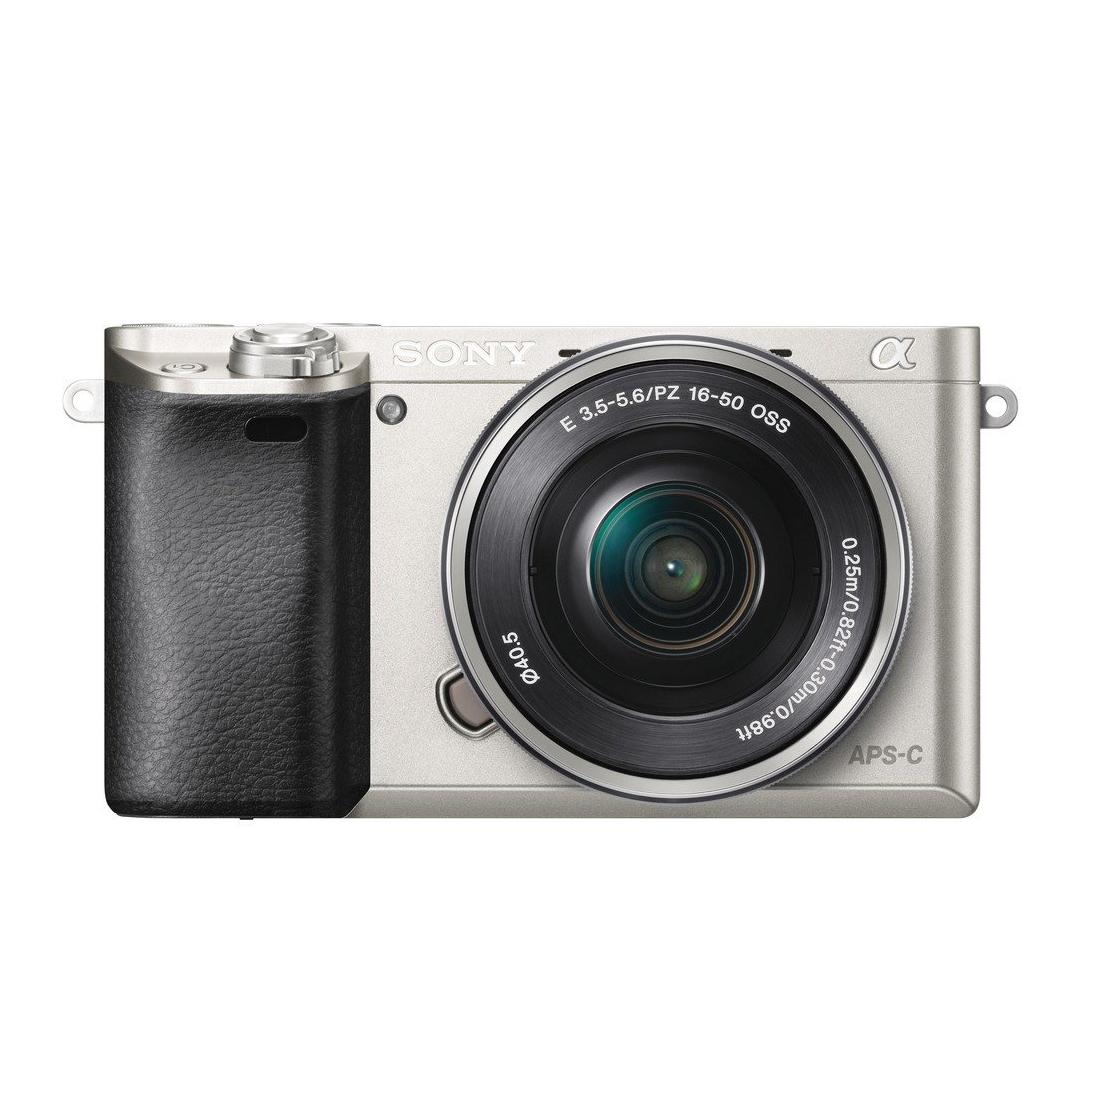 Беззеркальная фотокамера Sony ILCE-6000L серебристого цвета